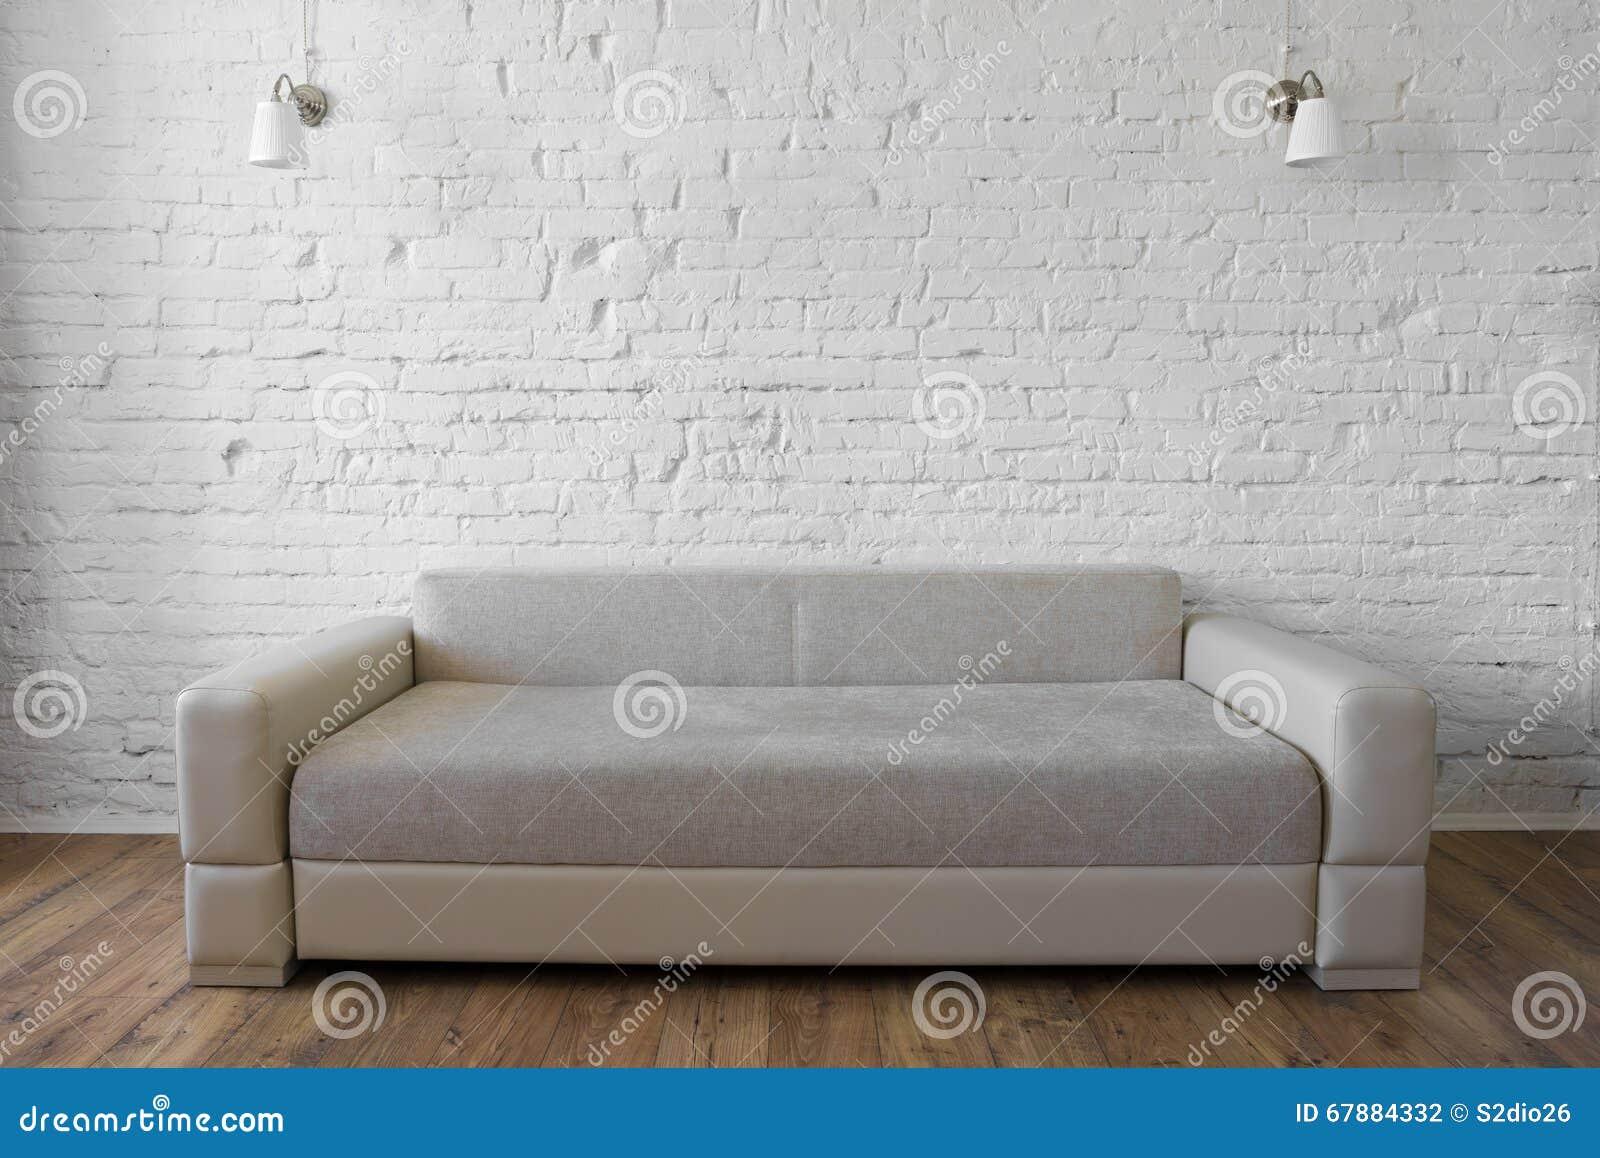 Witte beige de bankzolder van de bakstenen muur houten vloer stock ...